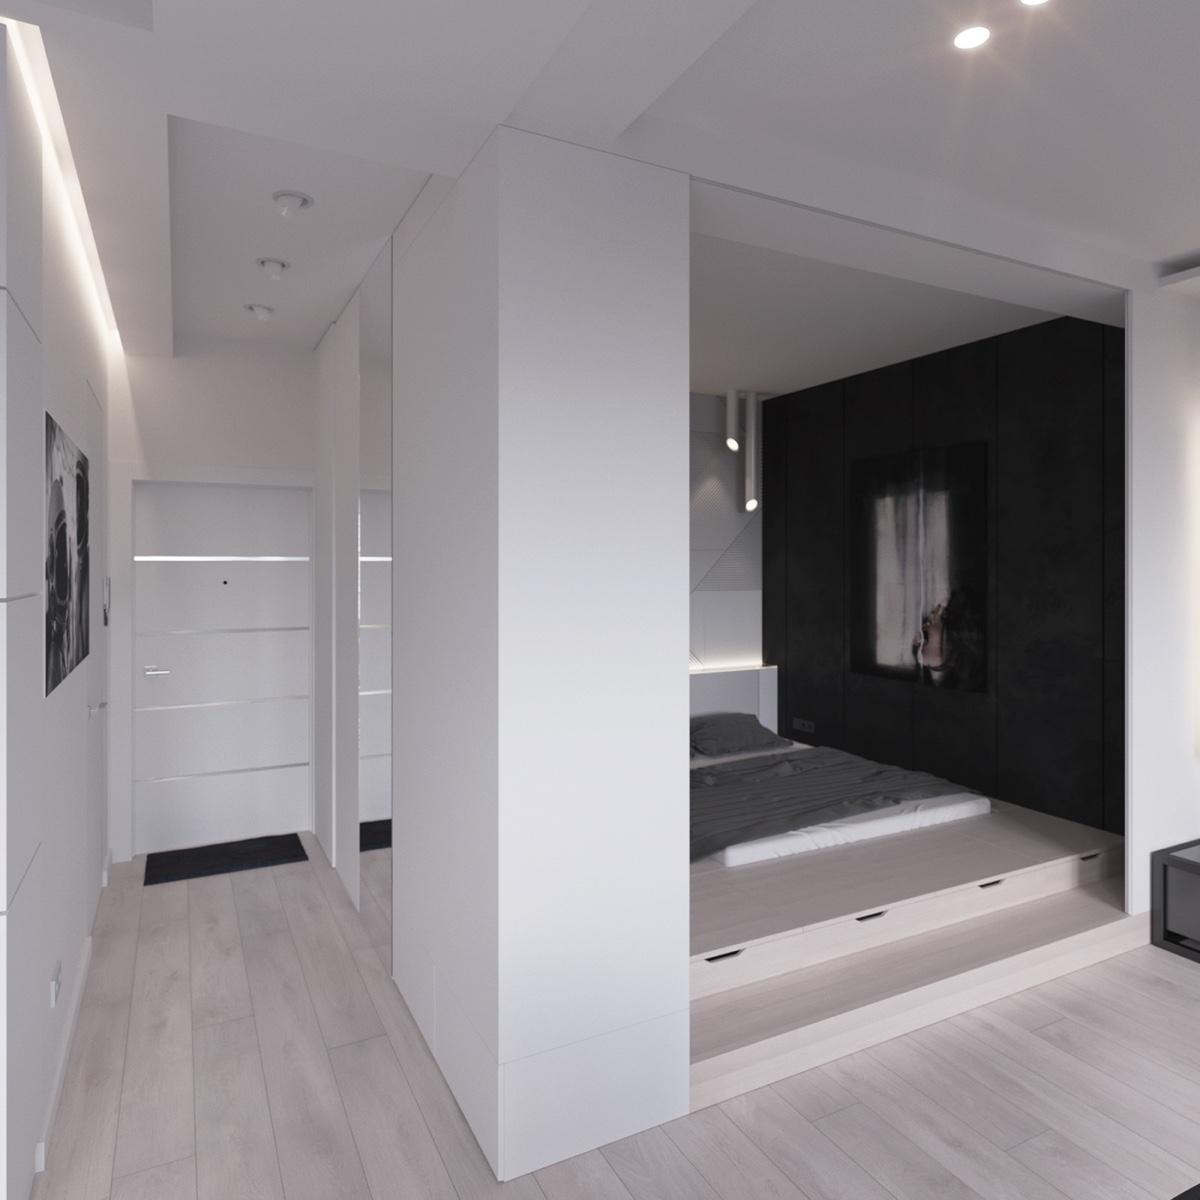 Thích mê 3 căn hộ hiện đại với diện tích khiêm tốn dưới 50m2 - Ảnh 21.